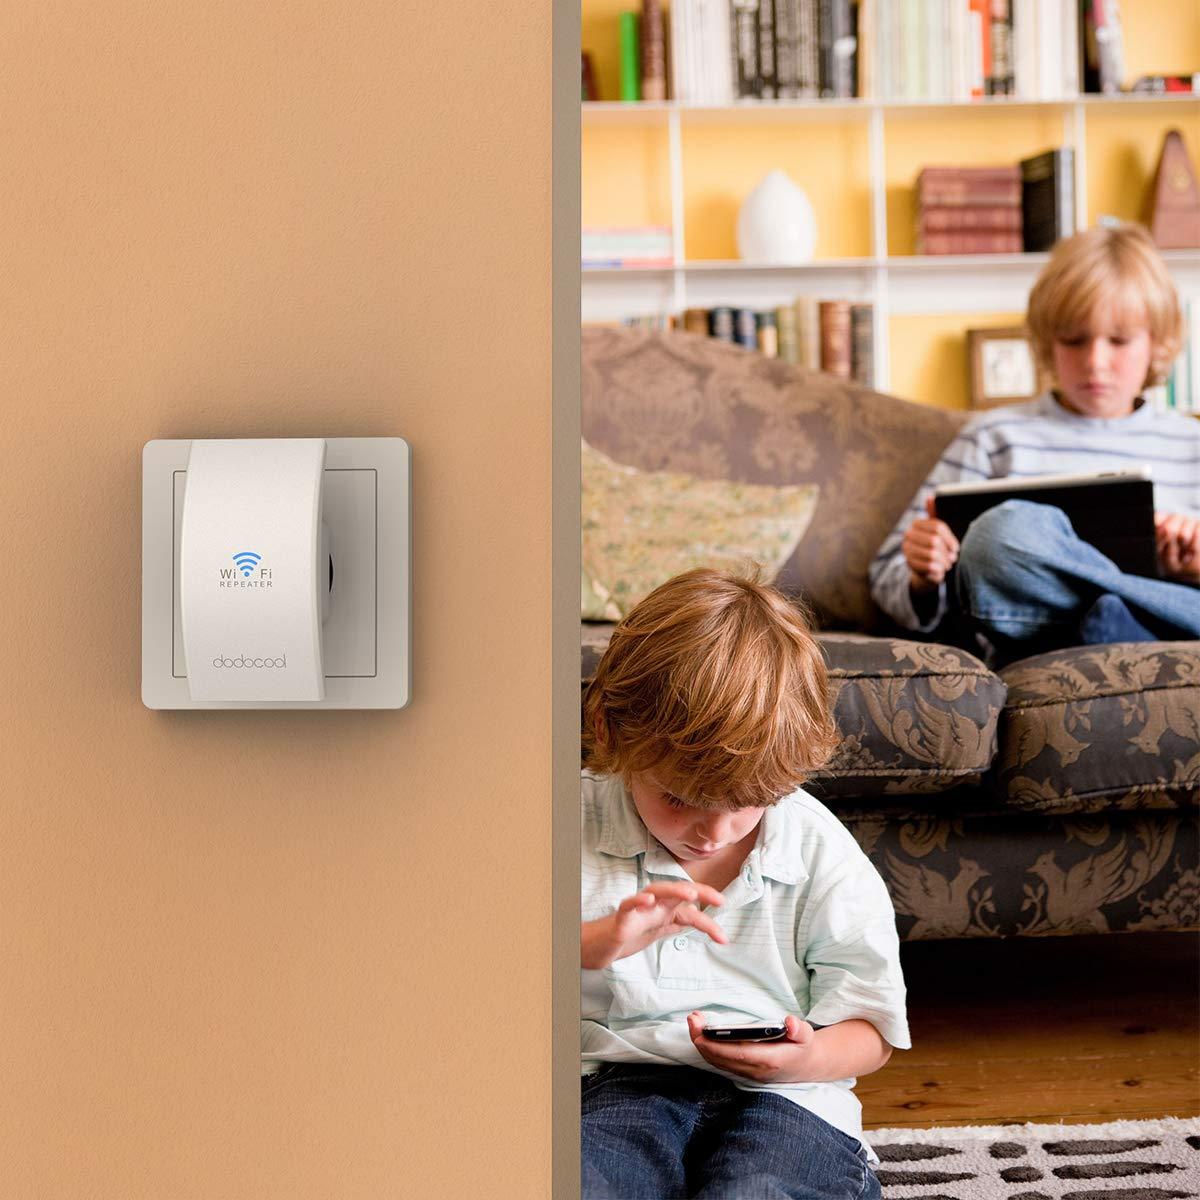 Extensor de Red WiFi Ap Amplificador Wireless Repeater Booster WiFi Ap//Router//Repetidor Modos N300 2.4GHz 300Mbps 802.11n//b//g con 2 Antenas Externas Enchufe EU dodocool WiFi Repetidor